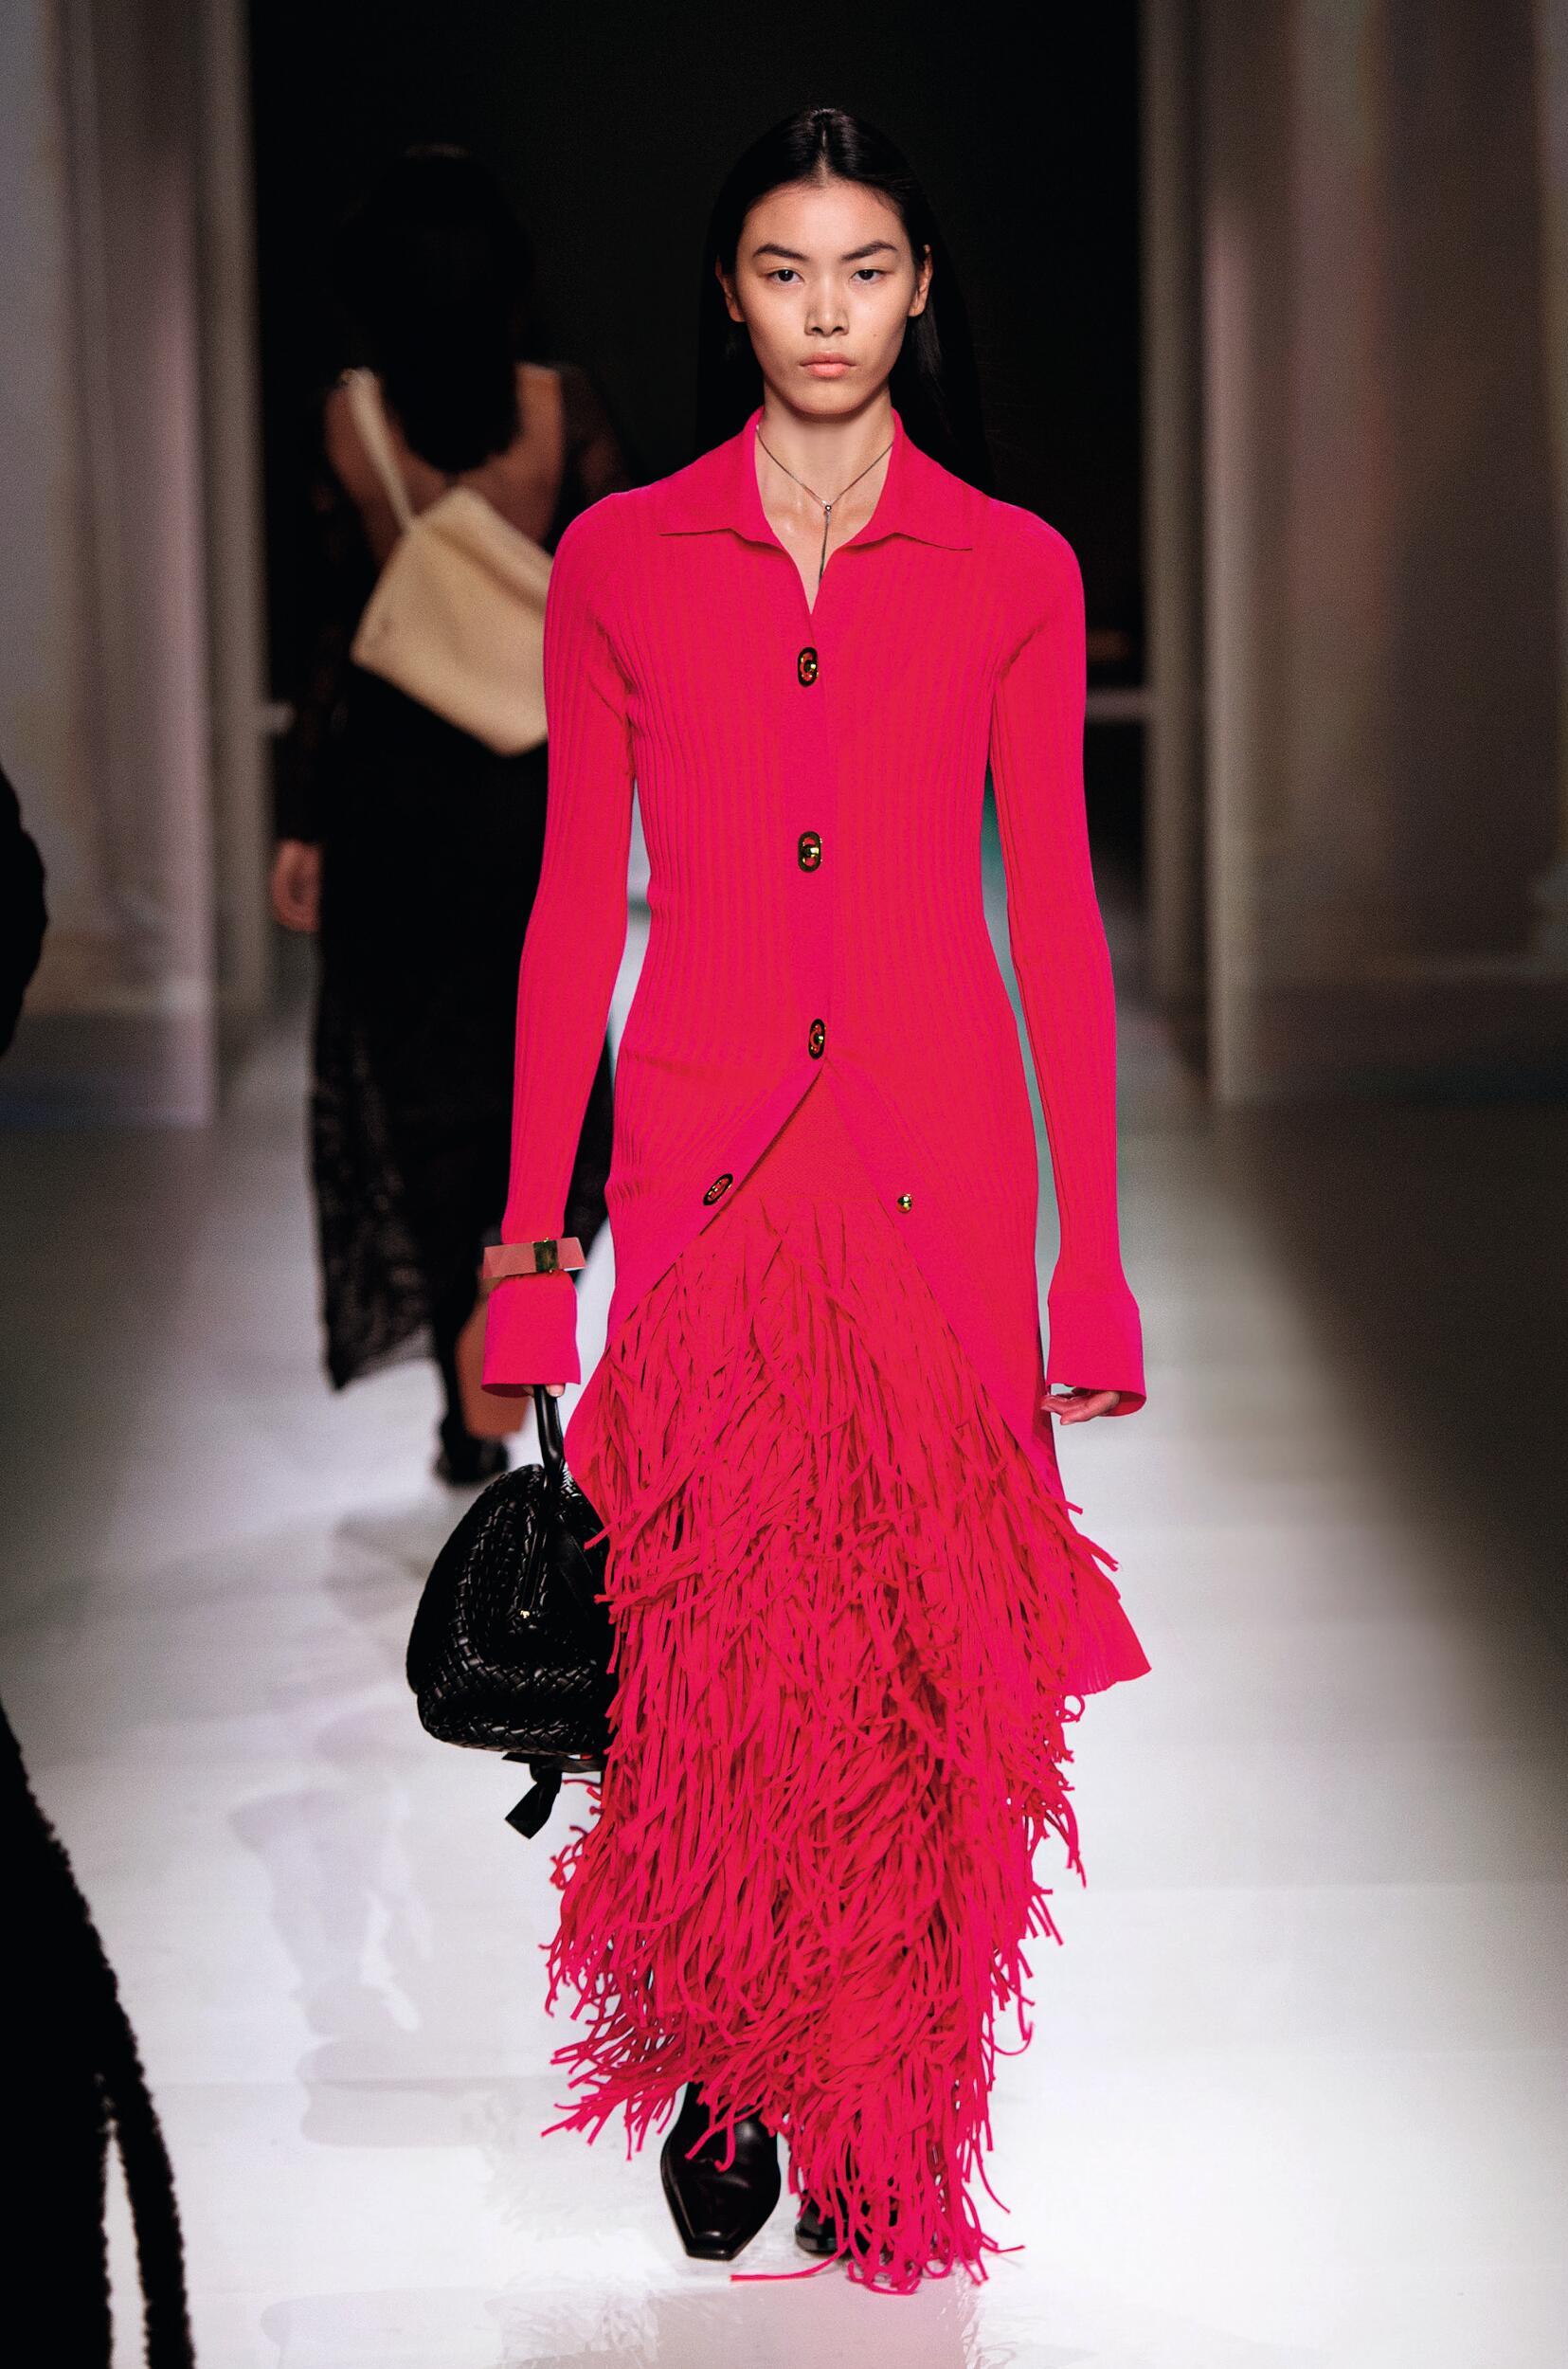 Bottega Veneta Womenswear